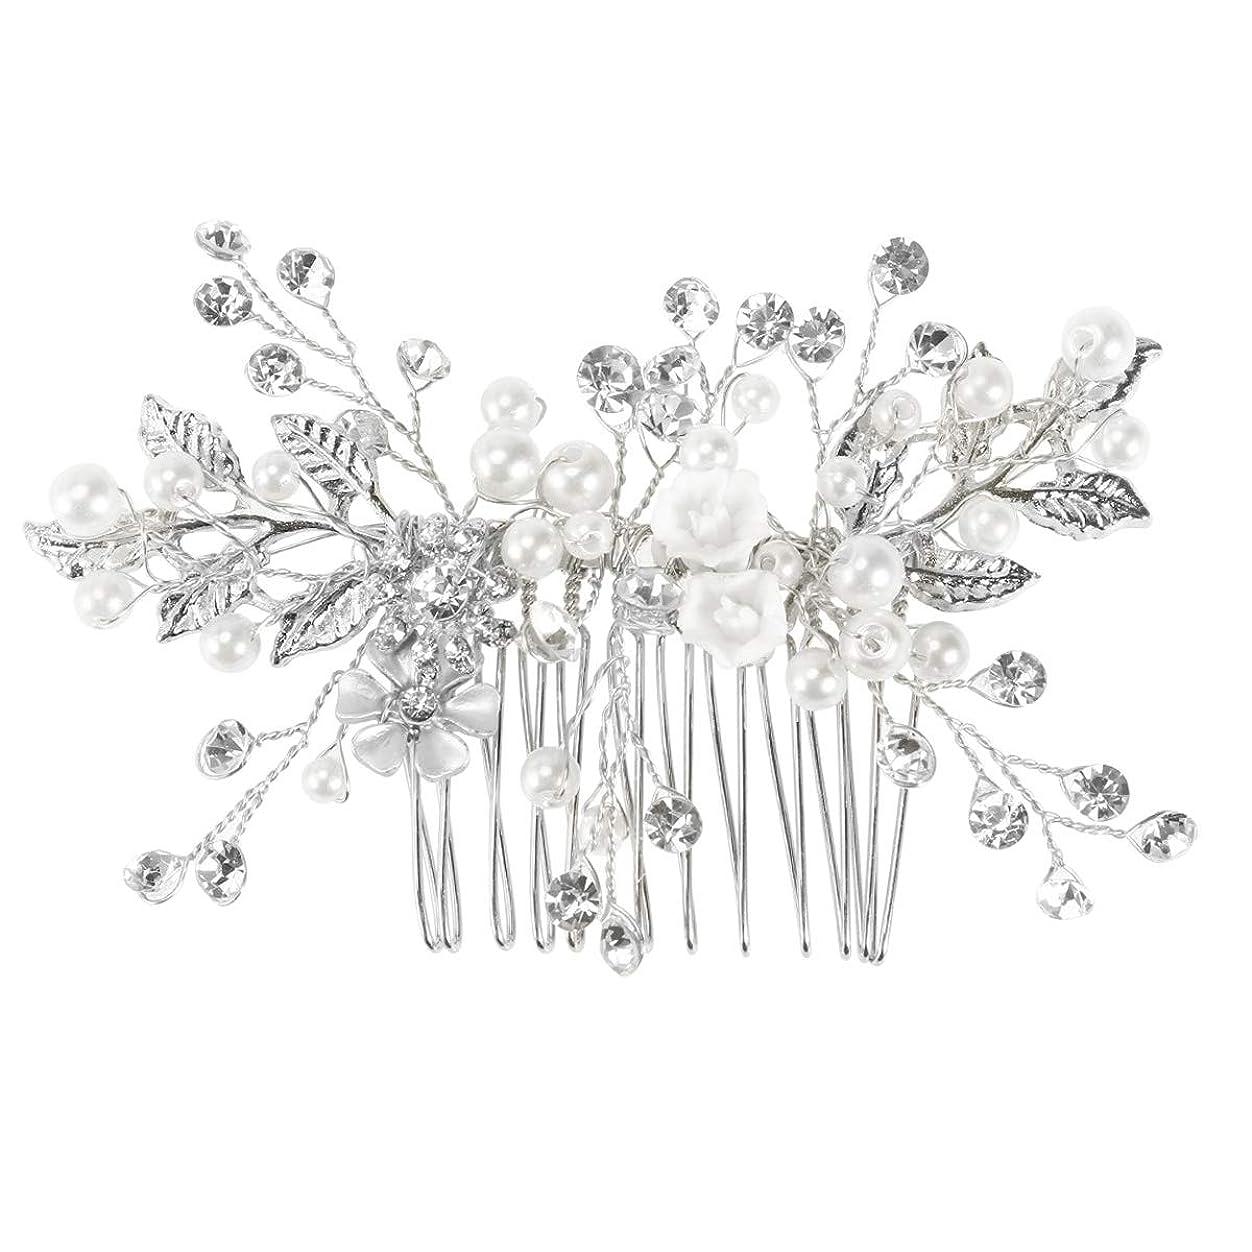 デコードする言及する死ぬLURROSE 結婚式の髪の櫛真珠の結晶頭飾りの合金女性のための女性の花嫁介添人の髪飾り(シルバー)